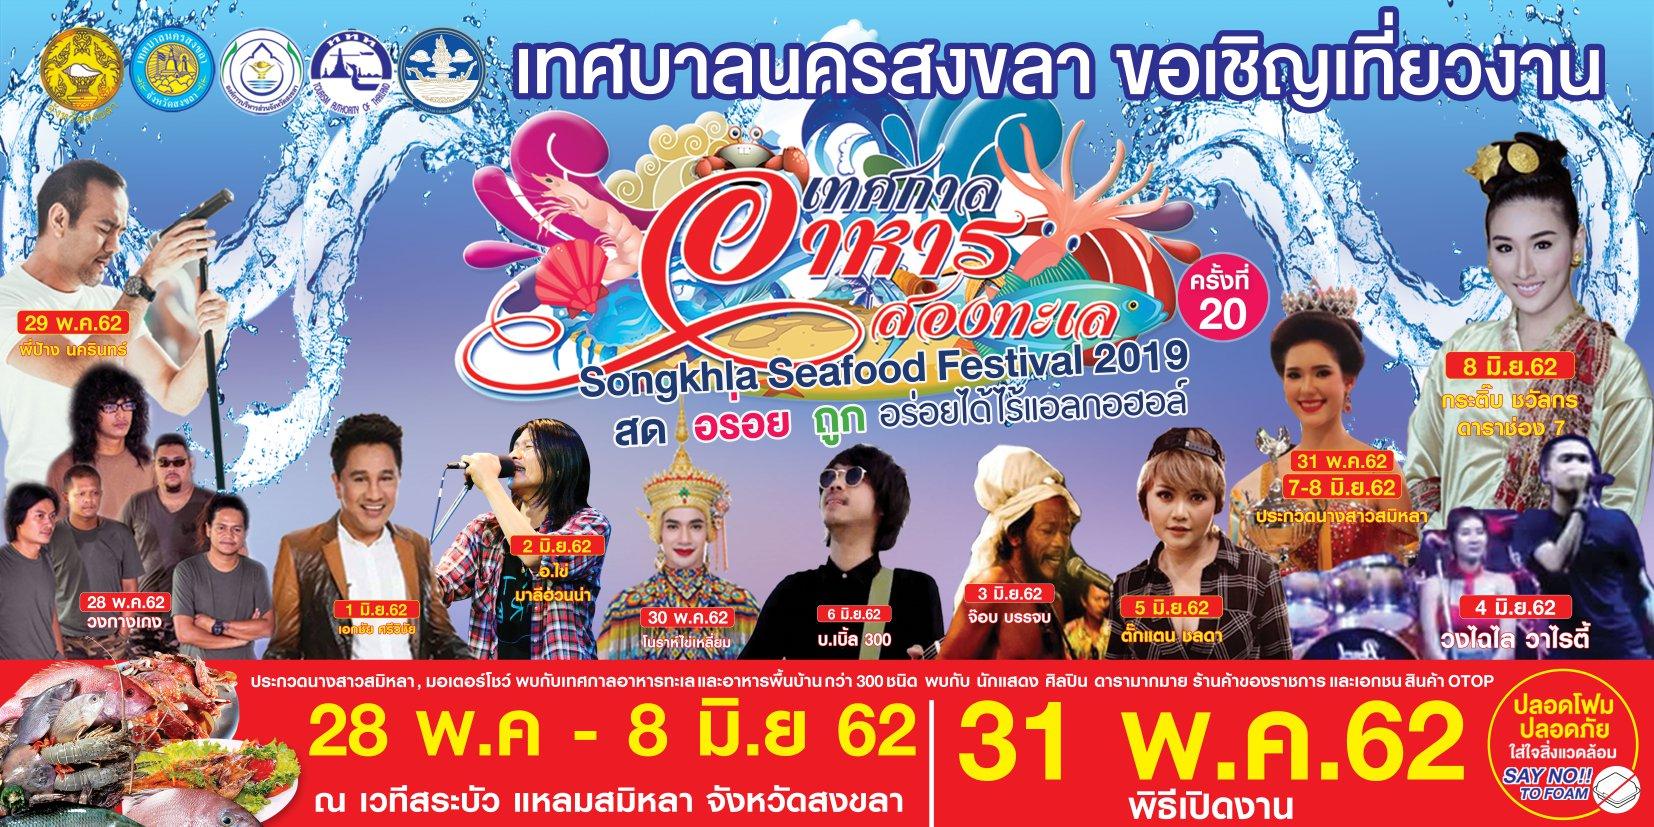 เทศกาลอาหารสองทะเล ประจำปี 2562 (Songkhla Seafood Festival 2019)